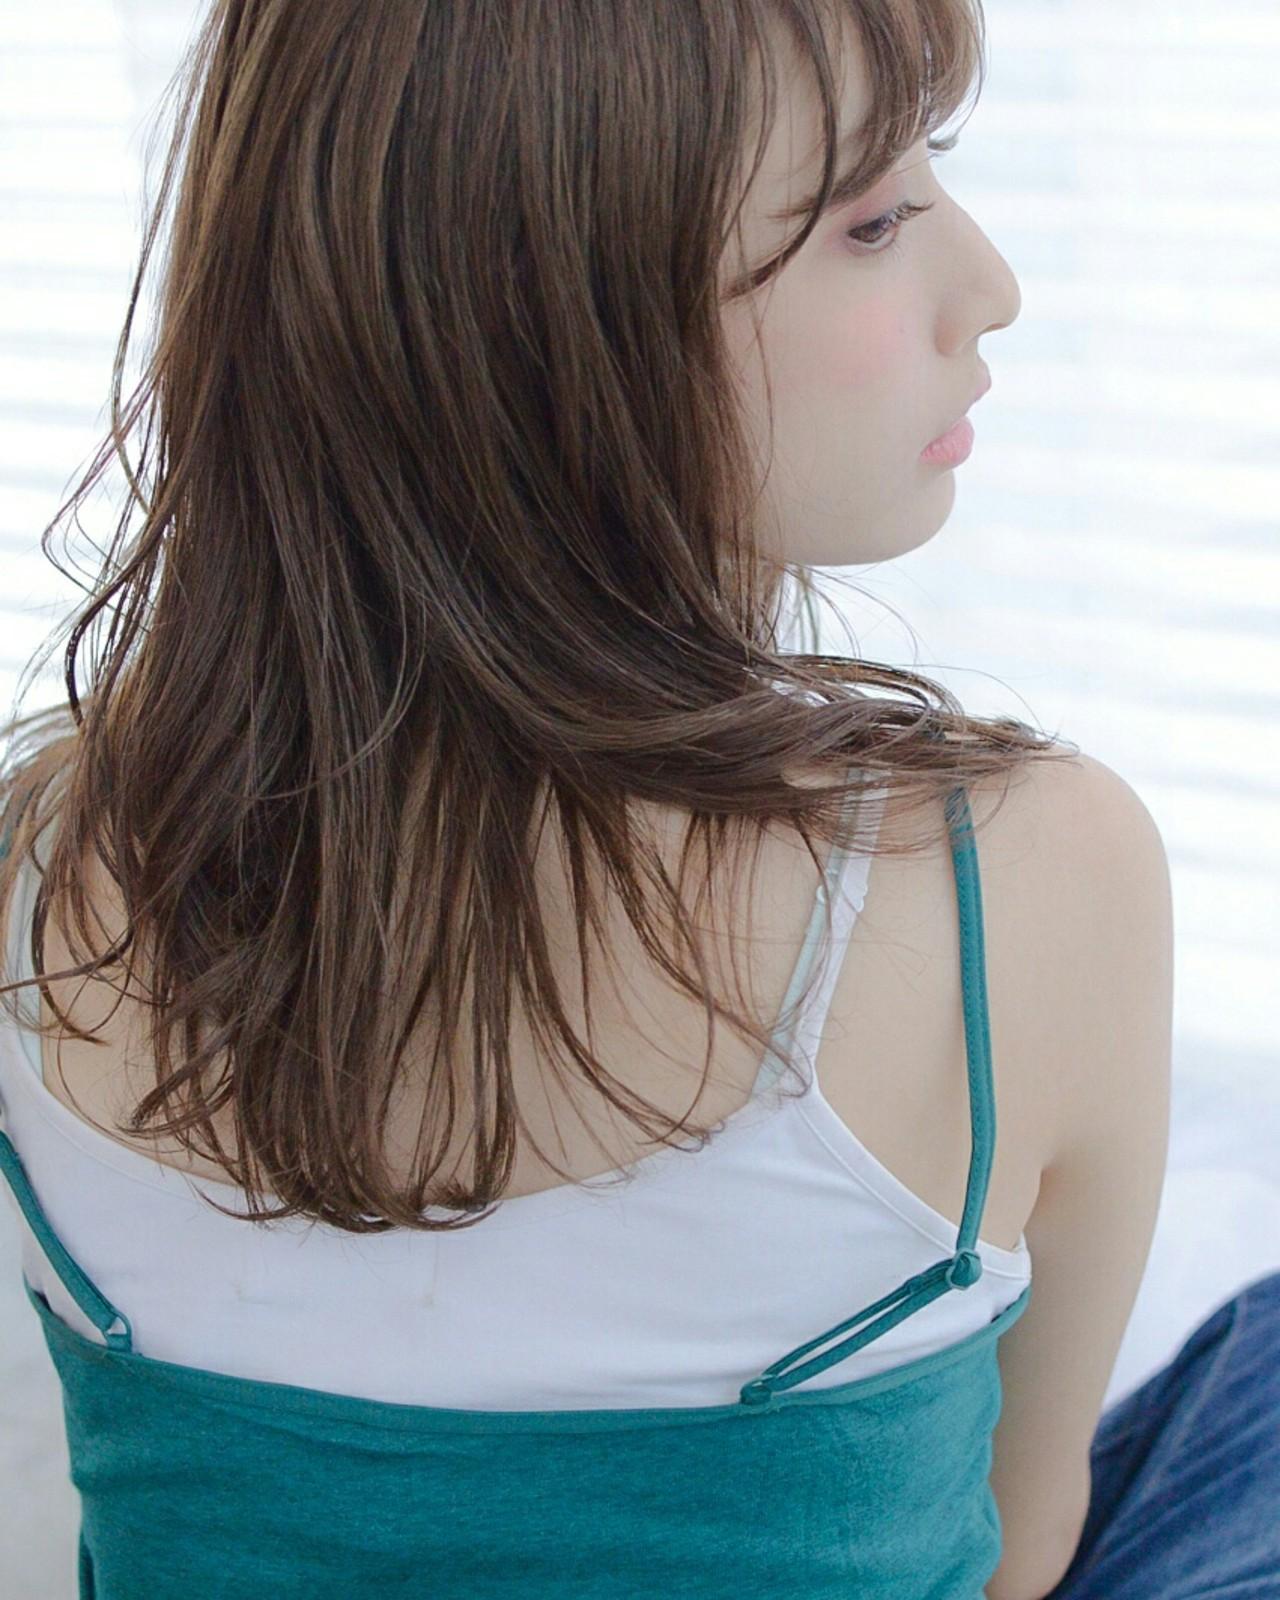 3分でわかる!イメチェンしたい欲を満たす方法♡ 萩原 翔志也/vicca